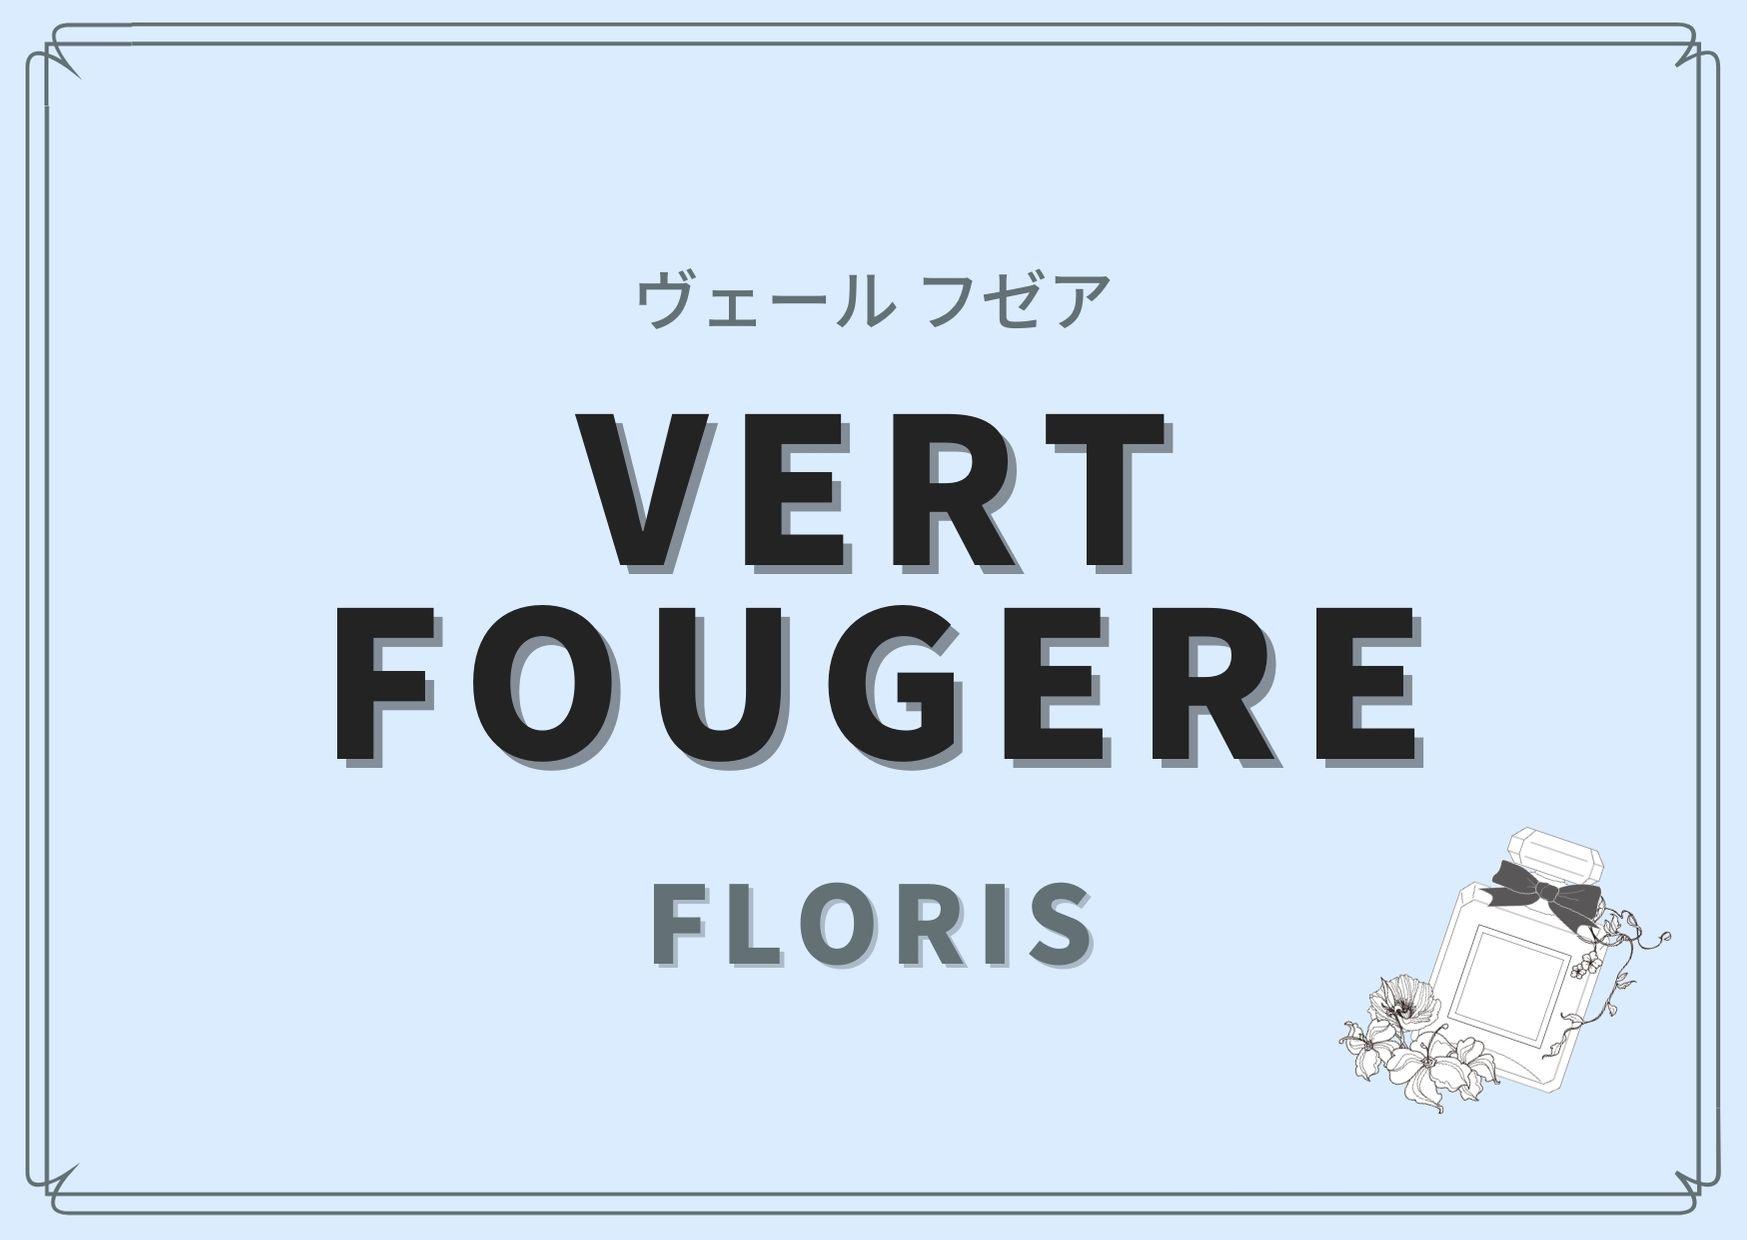 VERT FOUGERE(ヴェール フゼア)/ FLORIS(フローリス)